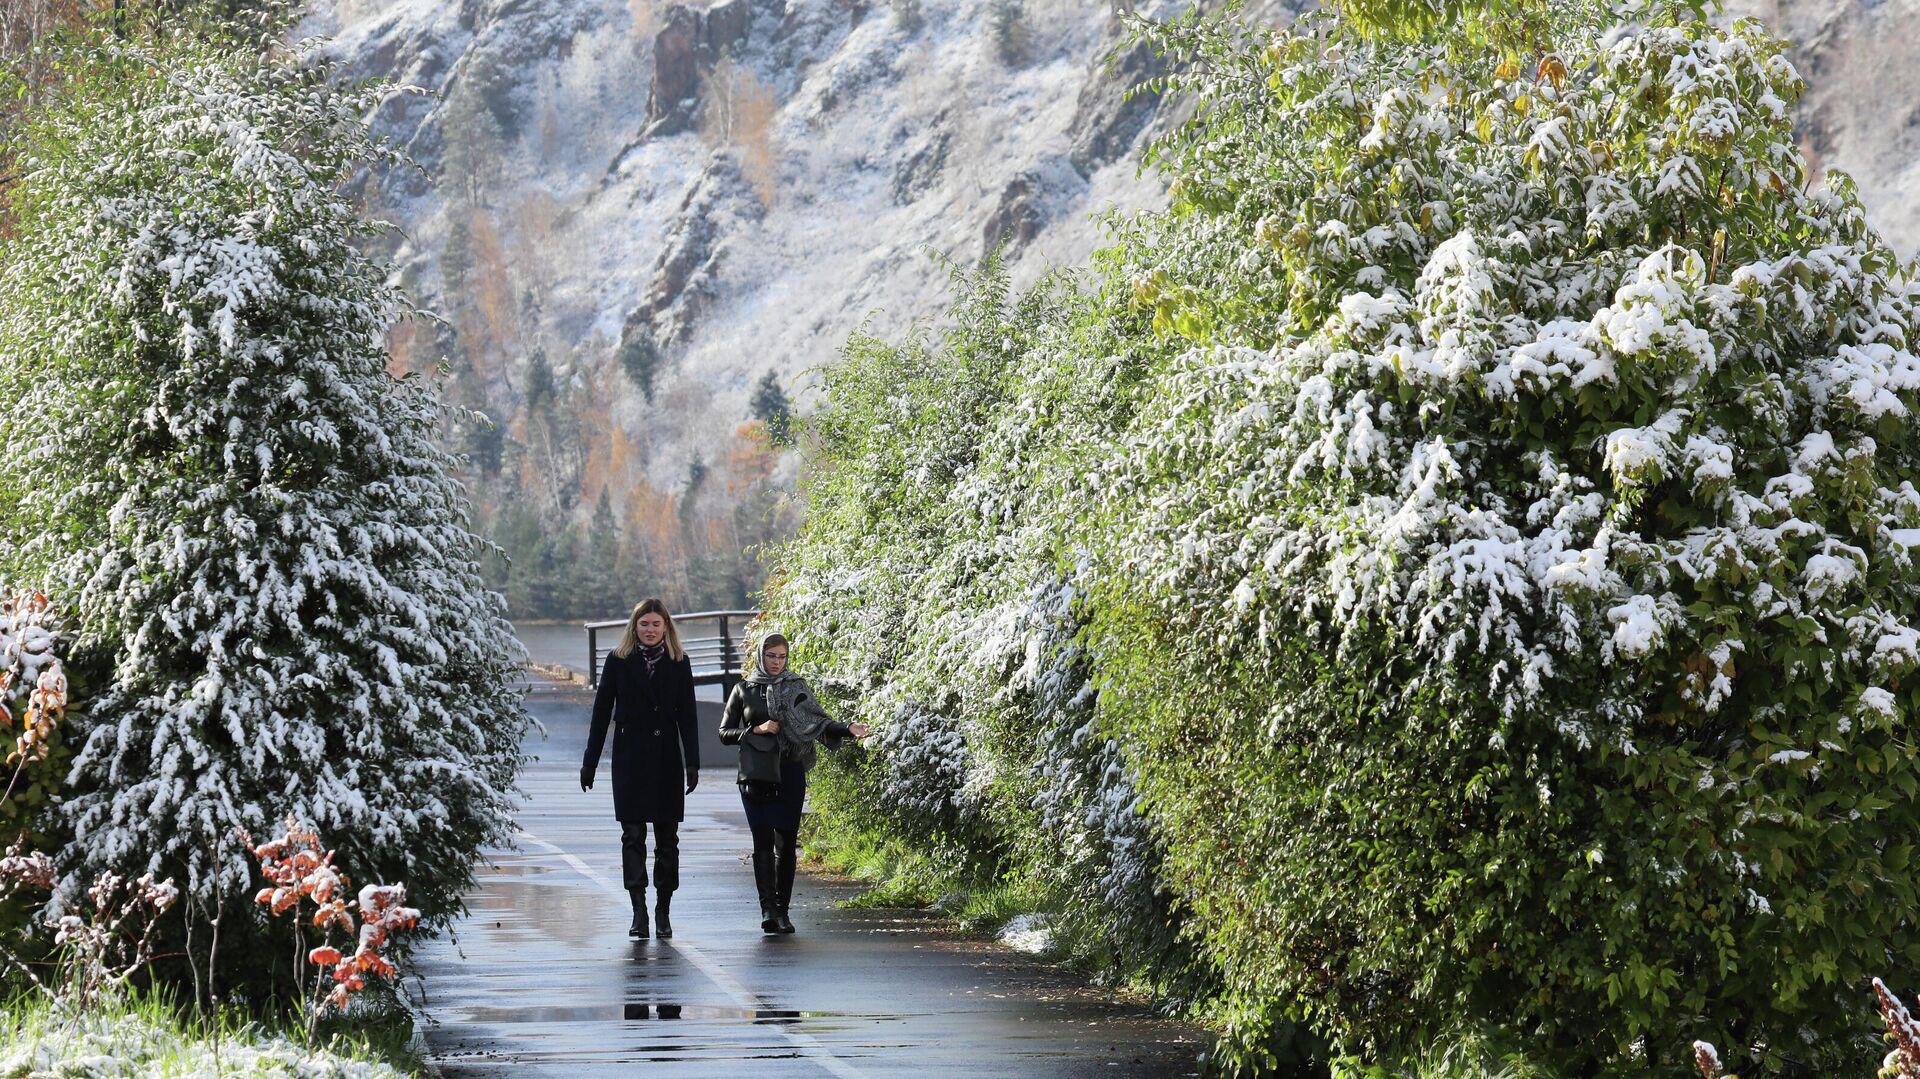 Девушки гуляют после первого снегопада по набережной Енисея в городе Дивногорске Красноярского края - РИА Новости, 1920, 01.12.2020